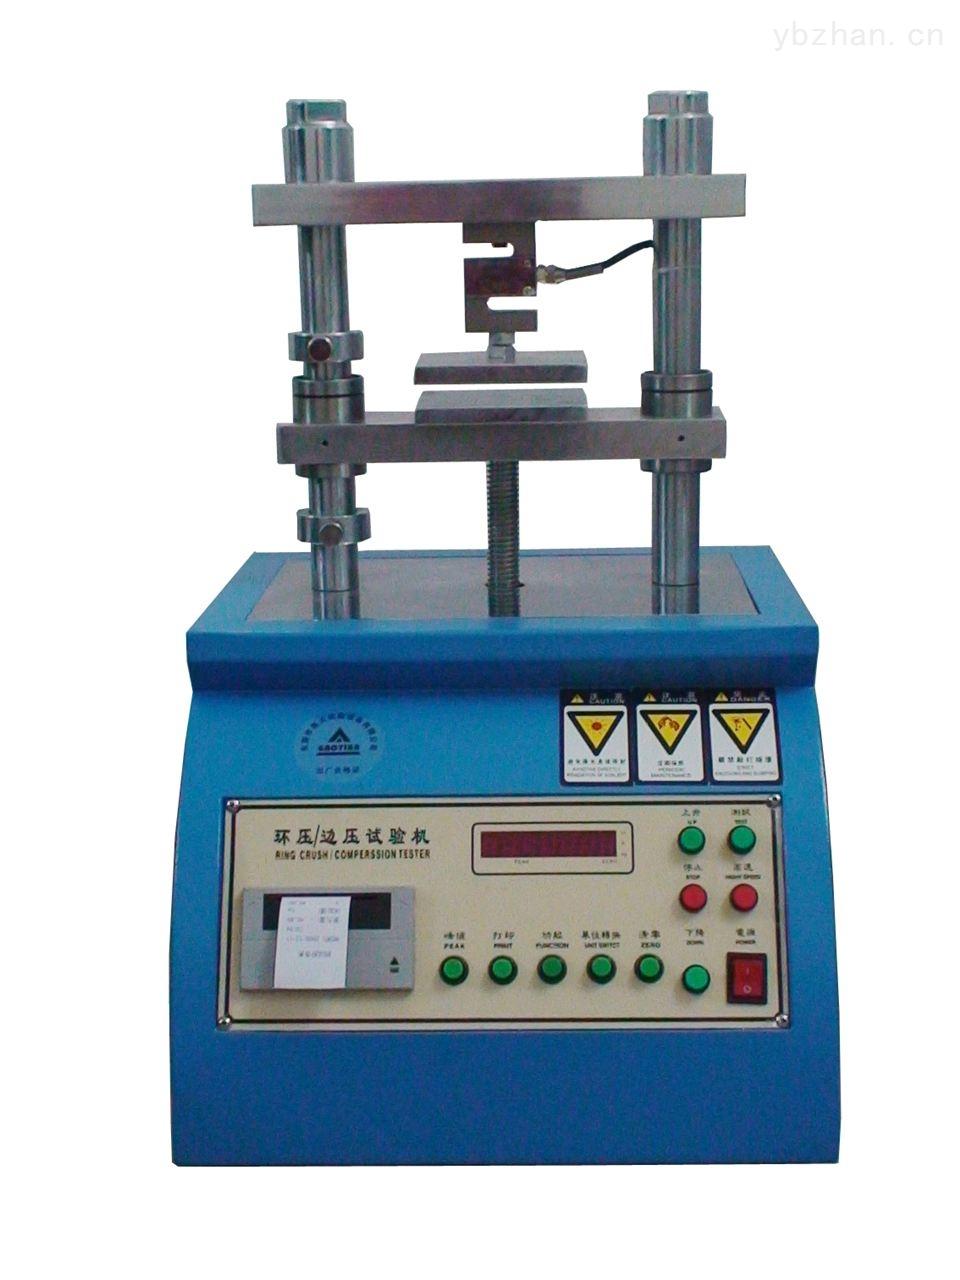 纸箱纸板环压边压试验机专业制造厂商